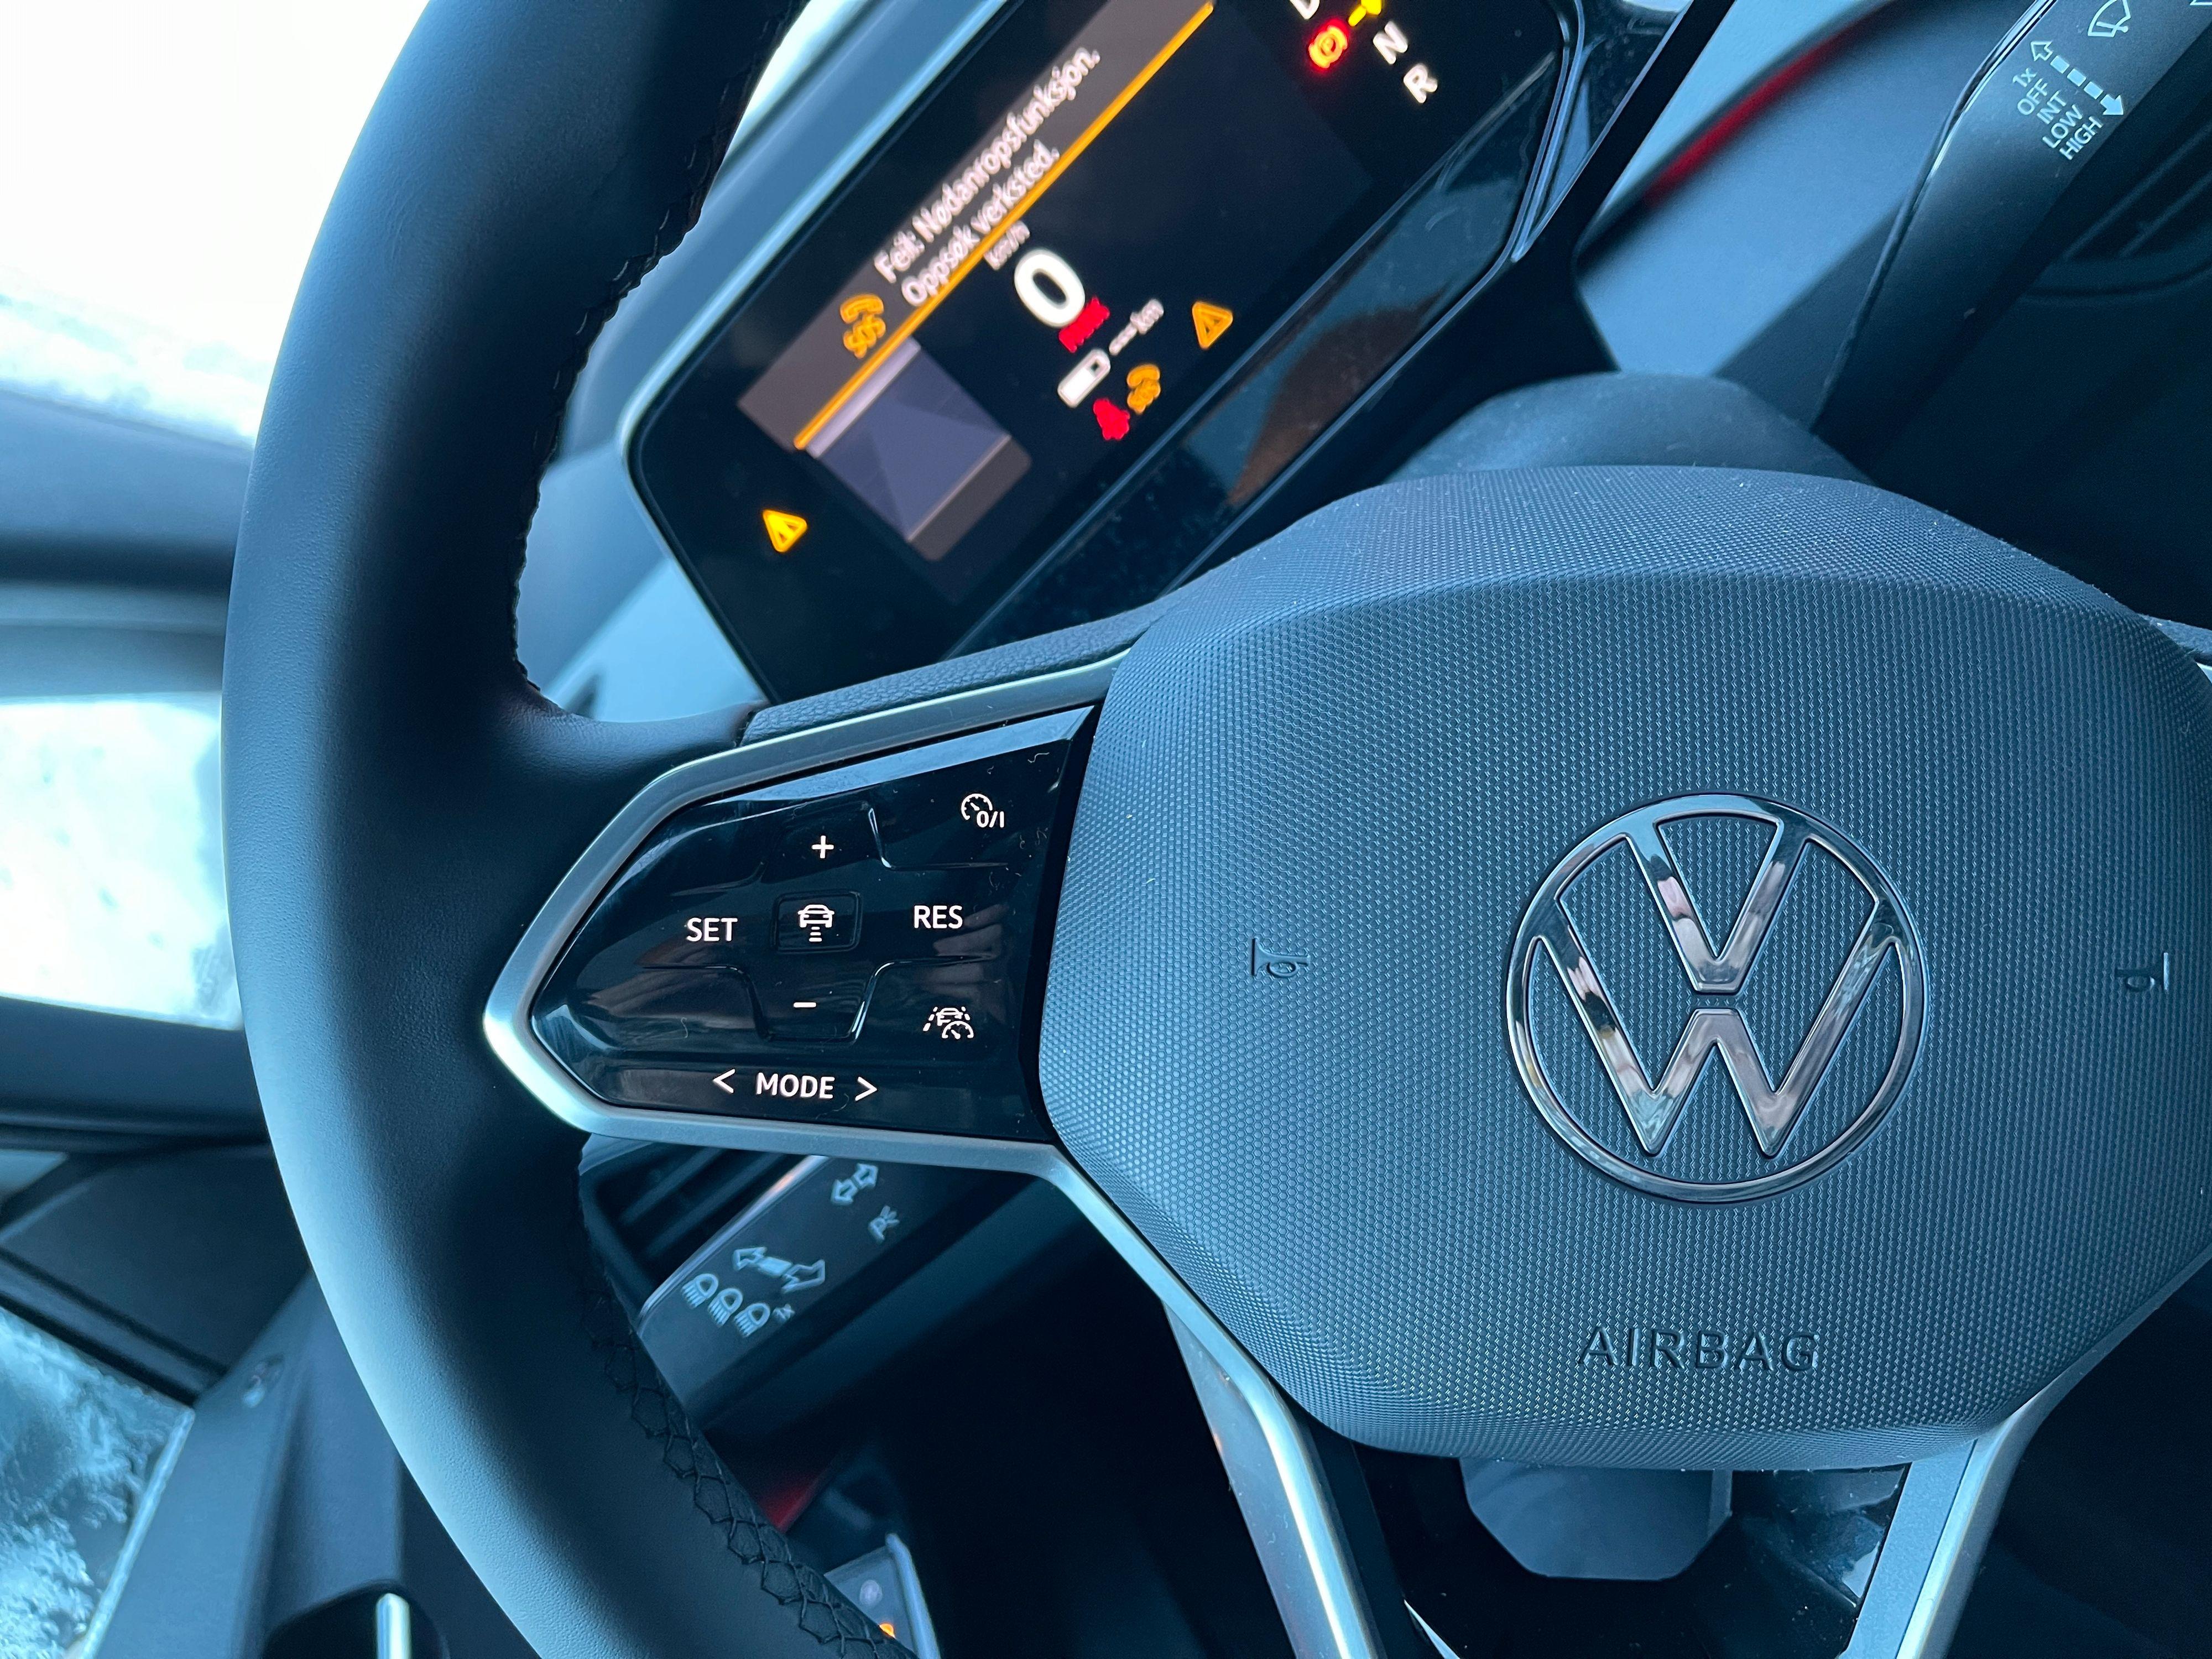 Hele bilen er stappet med touchfelter. Noen steder fungerer de greit - andre steder, som på rattet, er de mest i veien. Jeg mistenker at dette ikke vil bli en varig designtrend. Det er i enkleste laget å komme borti justering av hastighet for cruise controllen mens du bytter posisjon for hendene på rattet, for eksempel.